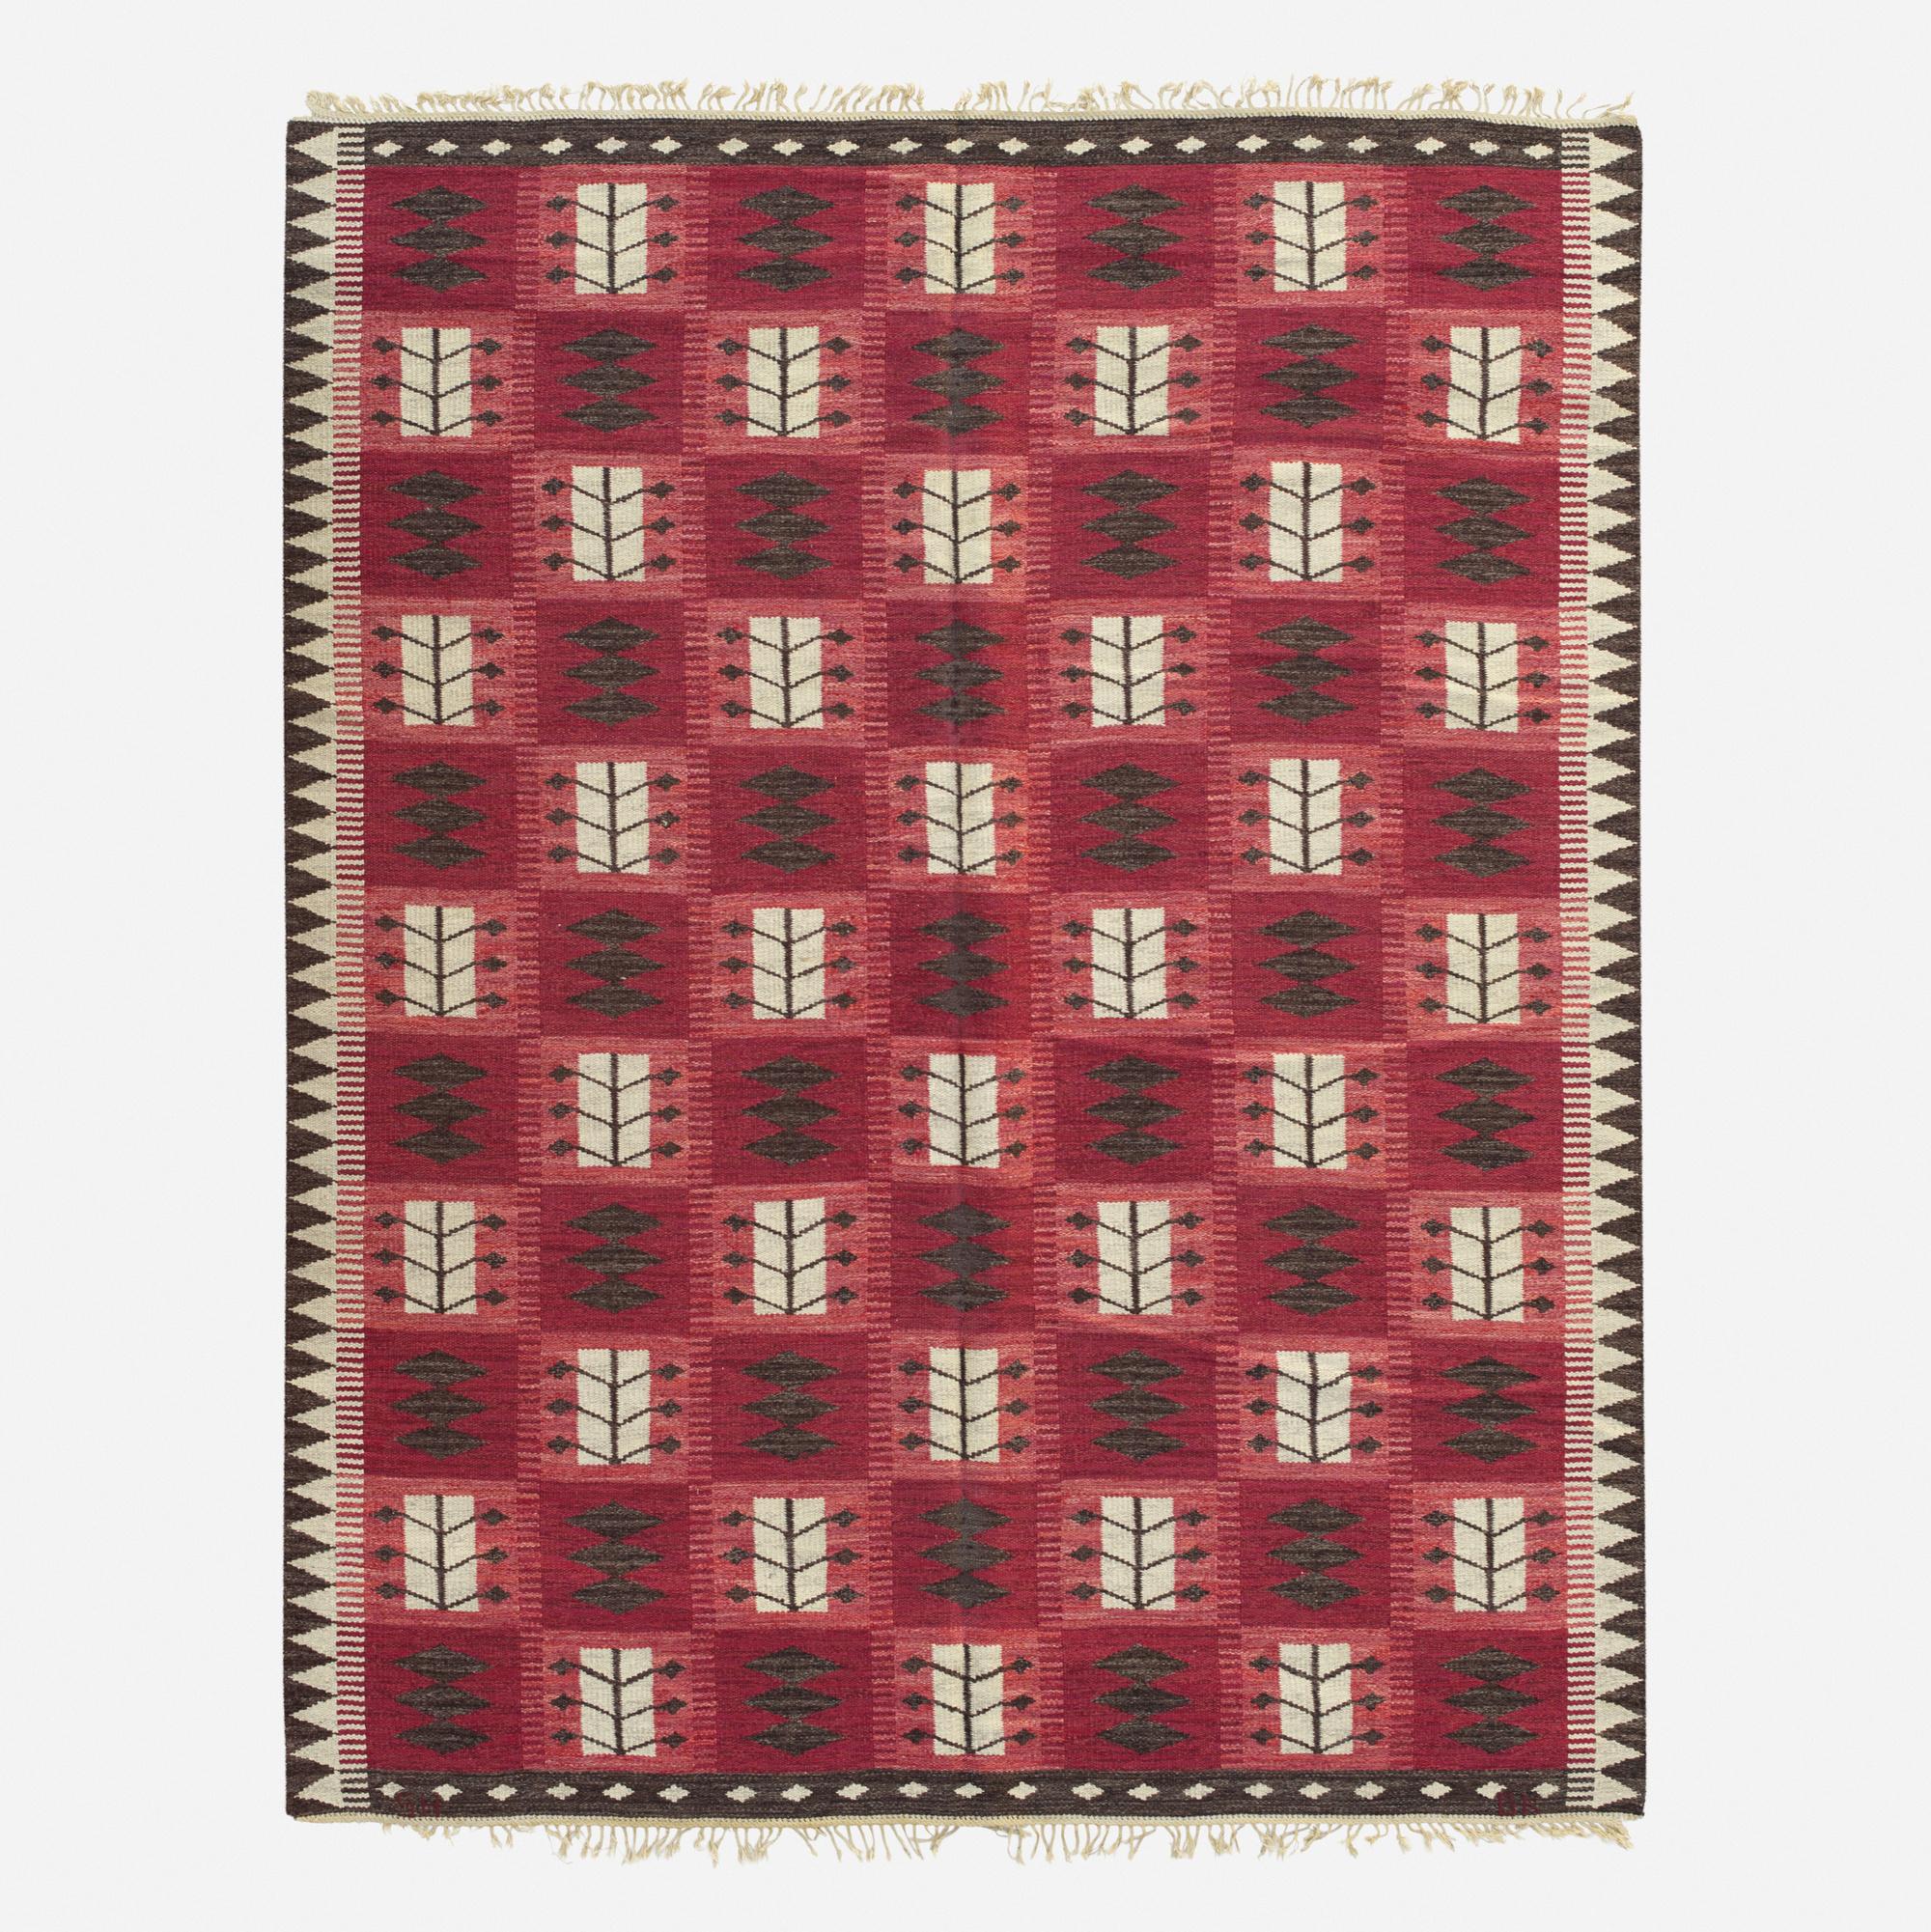 277: Berit Koenig / flatweave carpet (1 of 2)